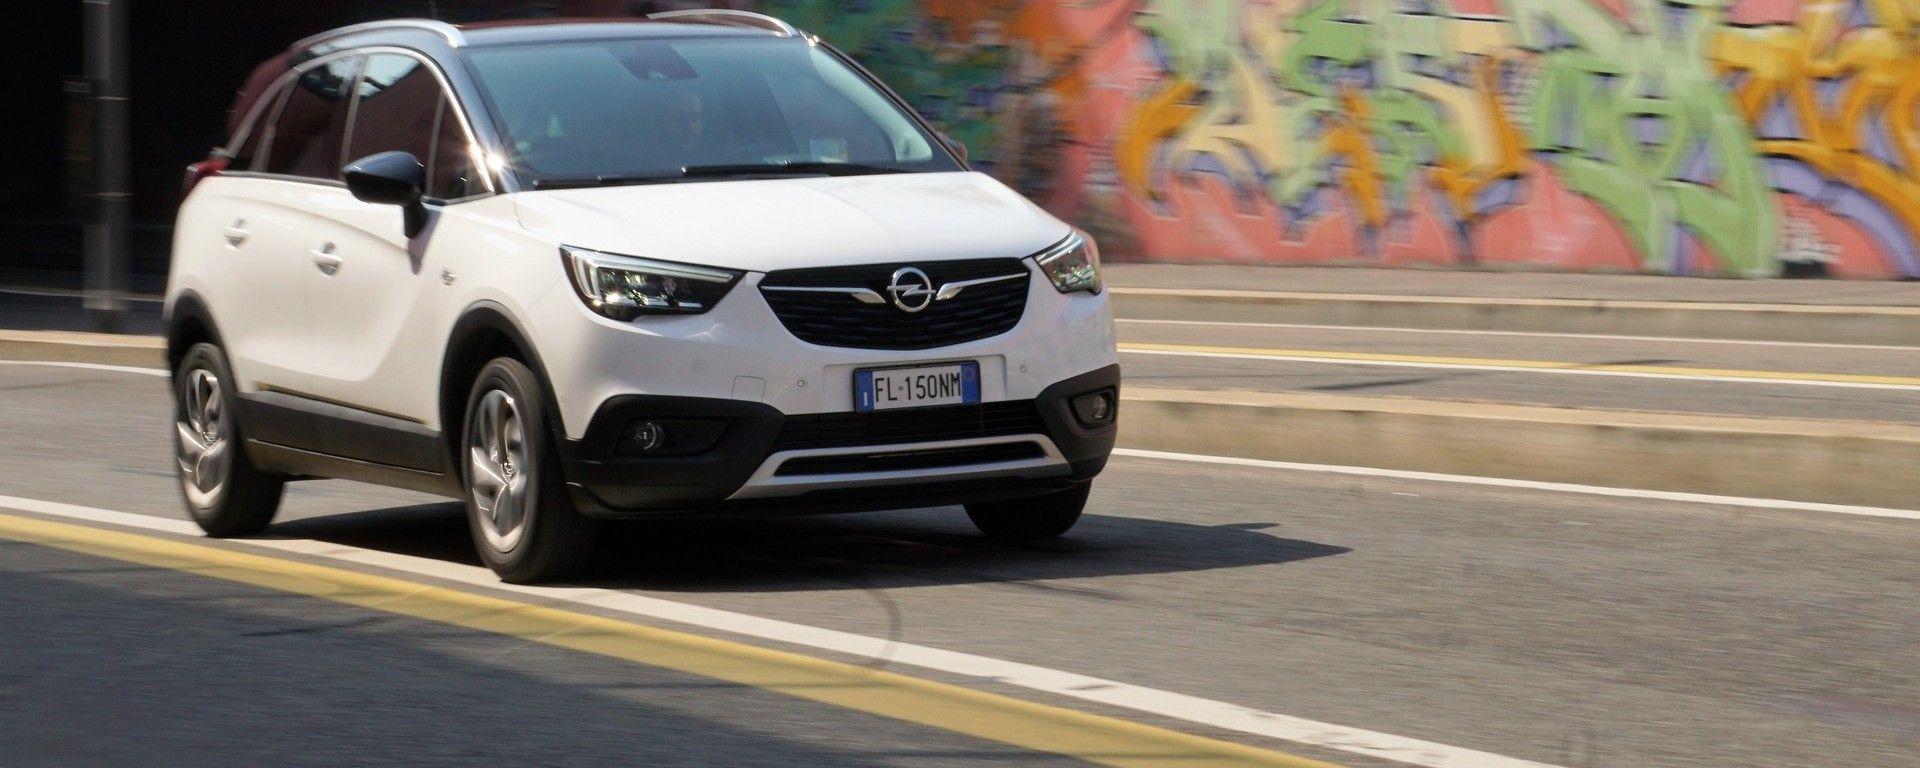 Opel Crossland X a GPL: la prova e i consumi reali